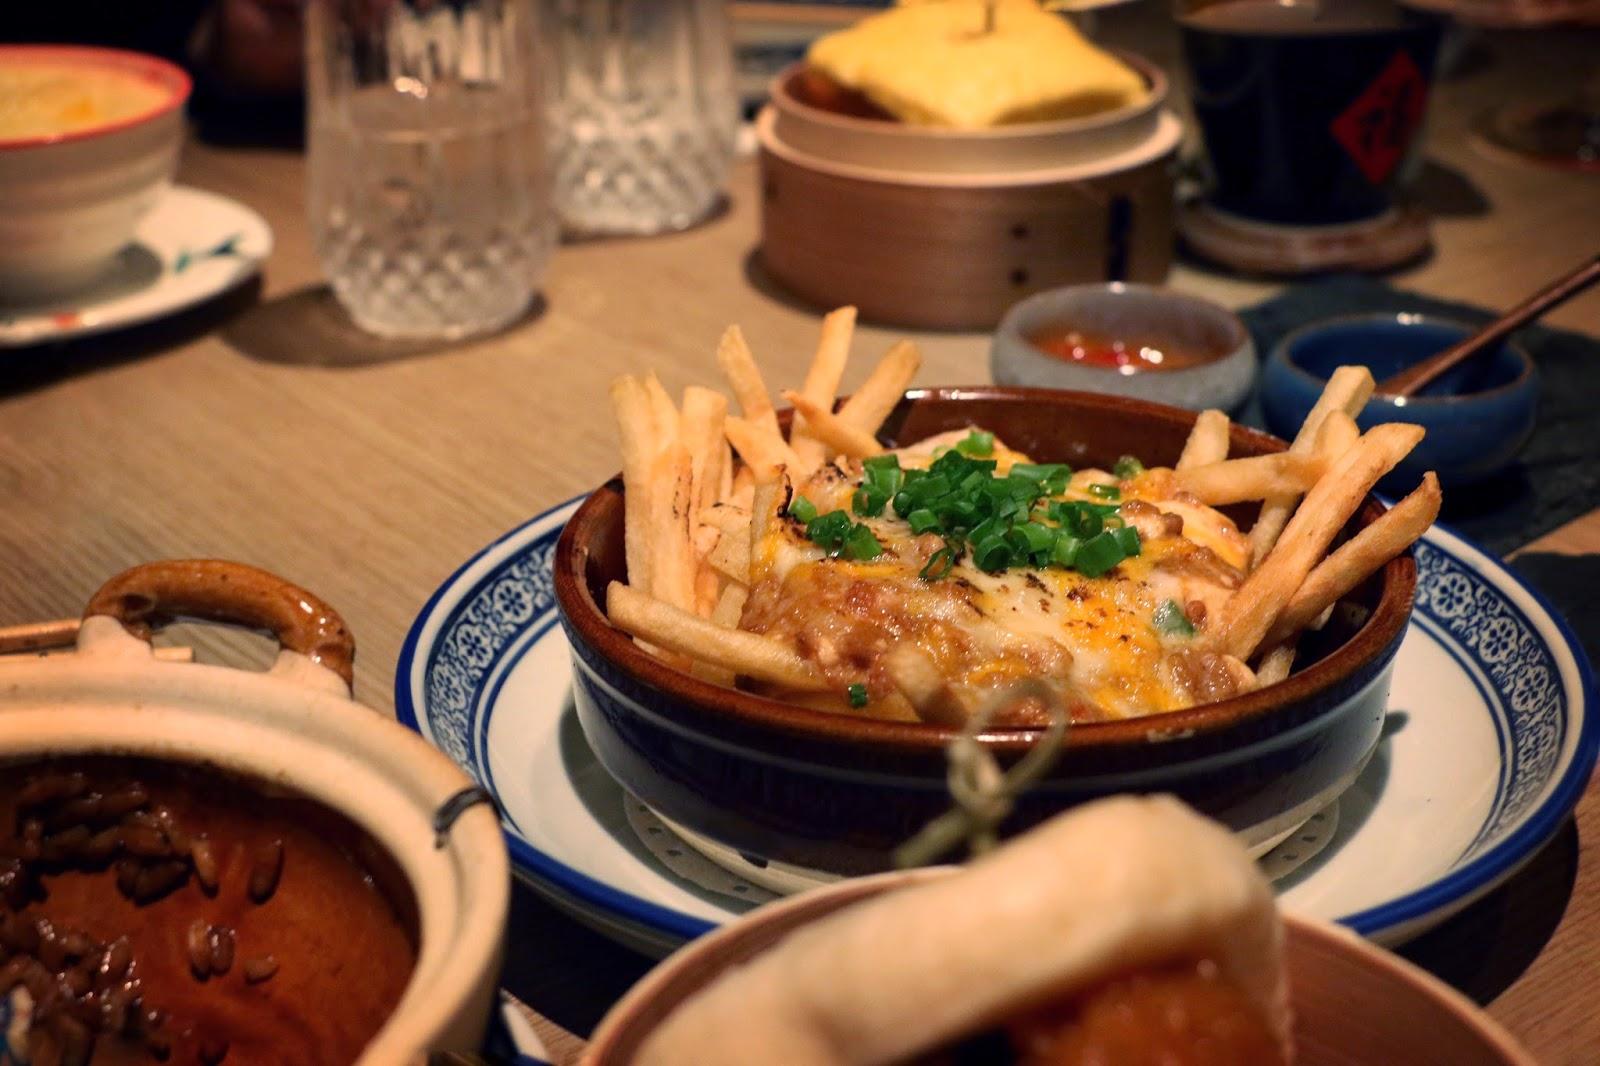 Bao Bei HK, Mapo Tofu Poutine, Fries